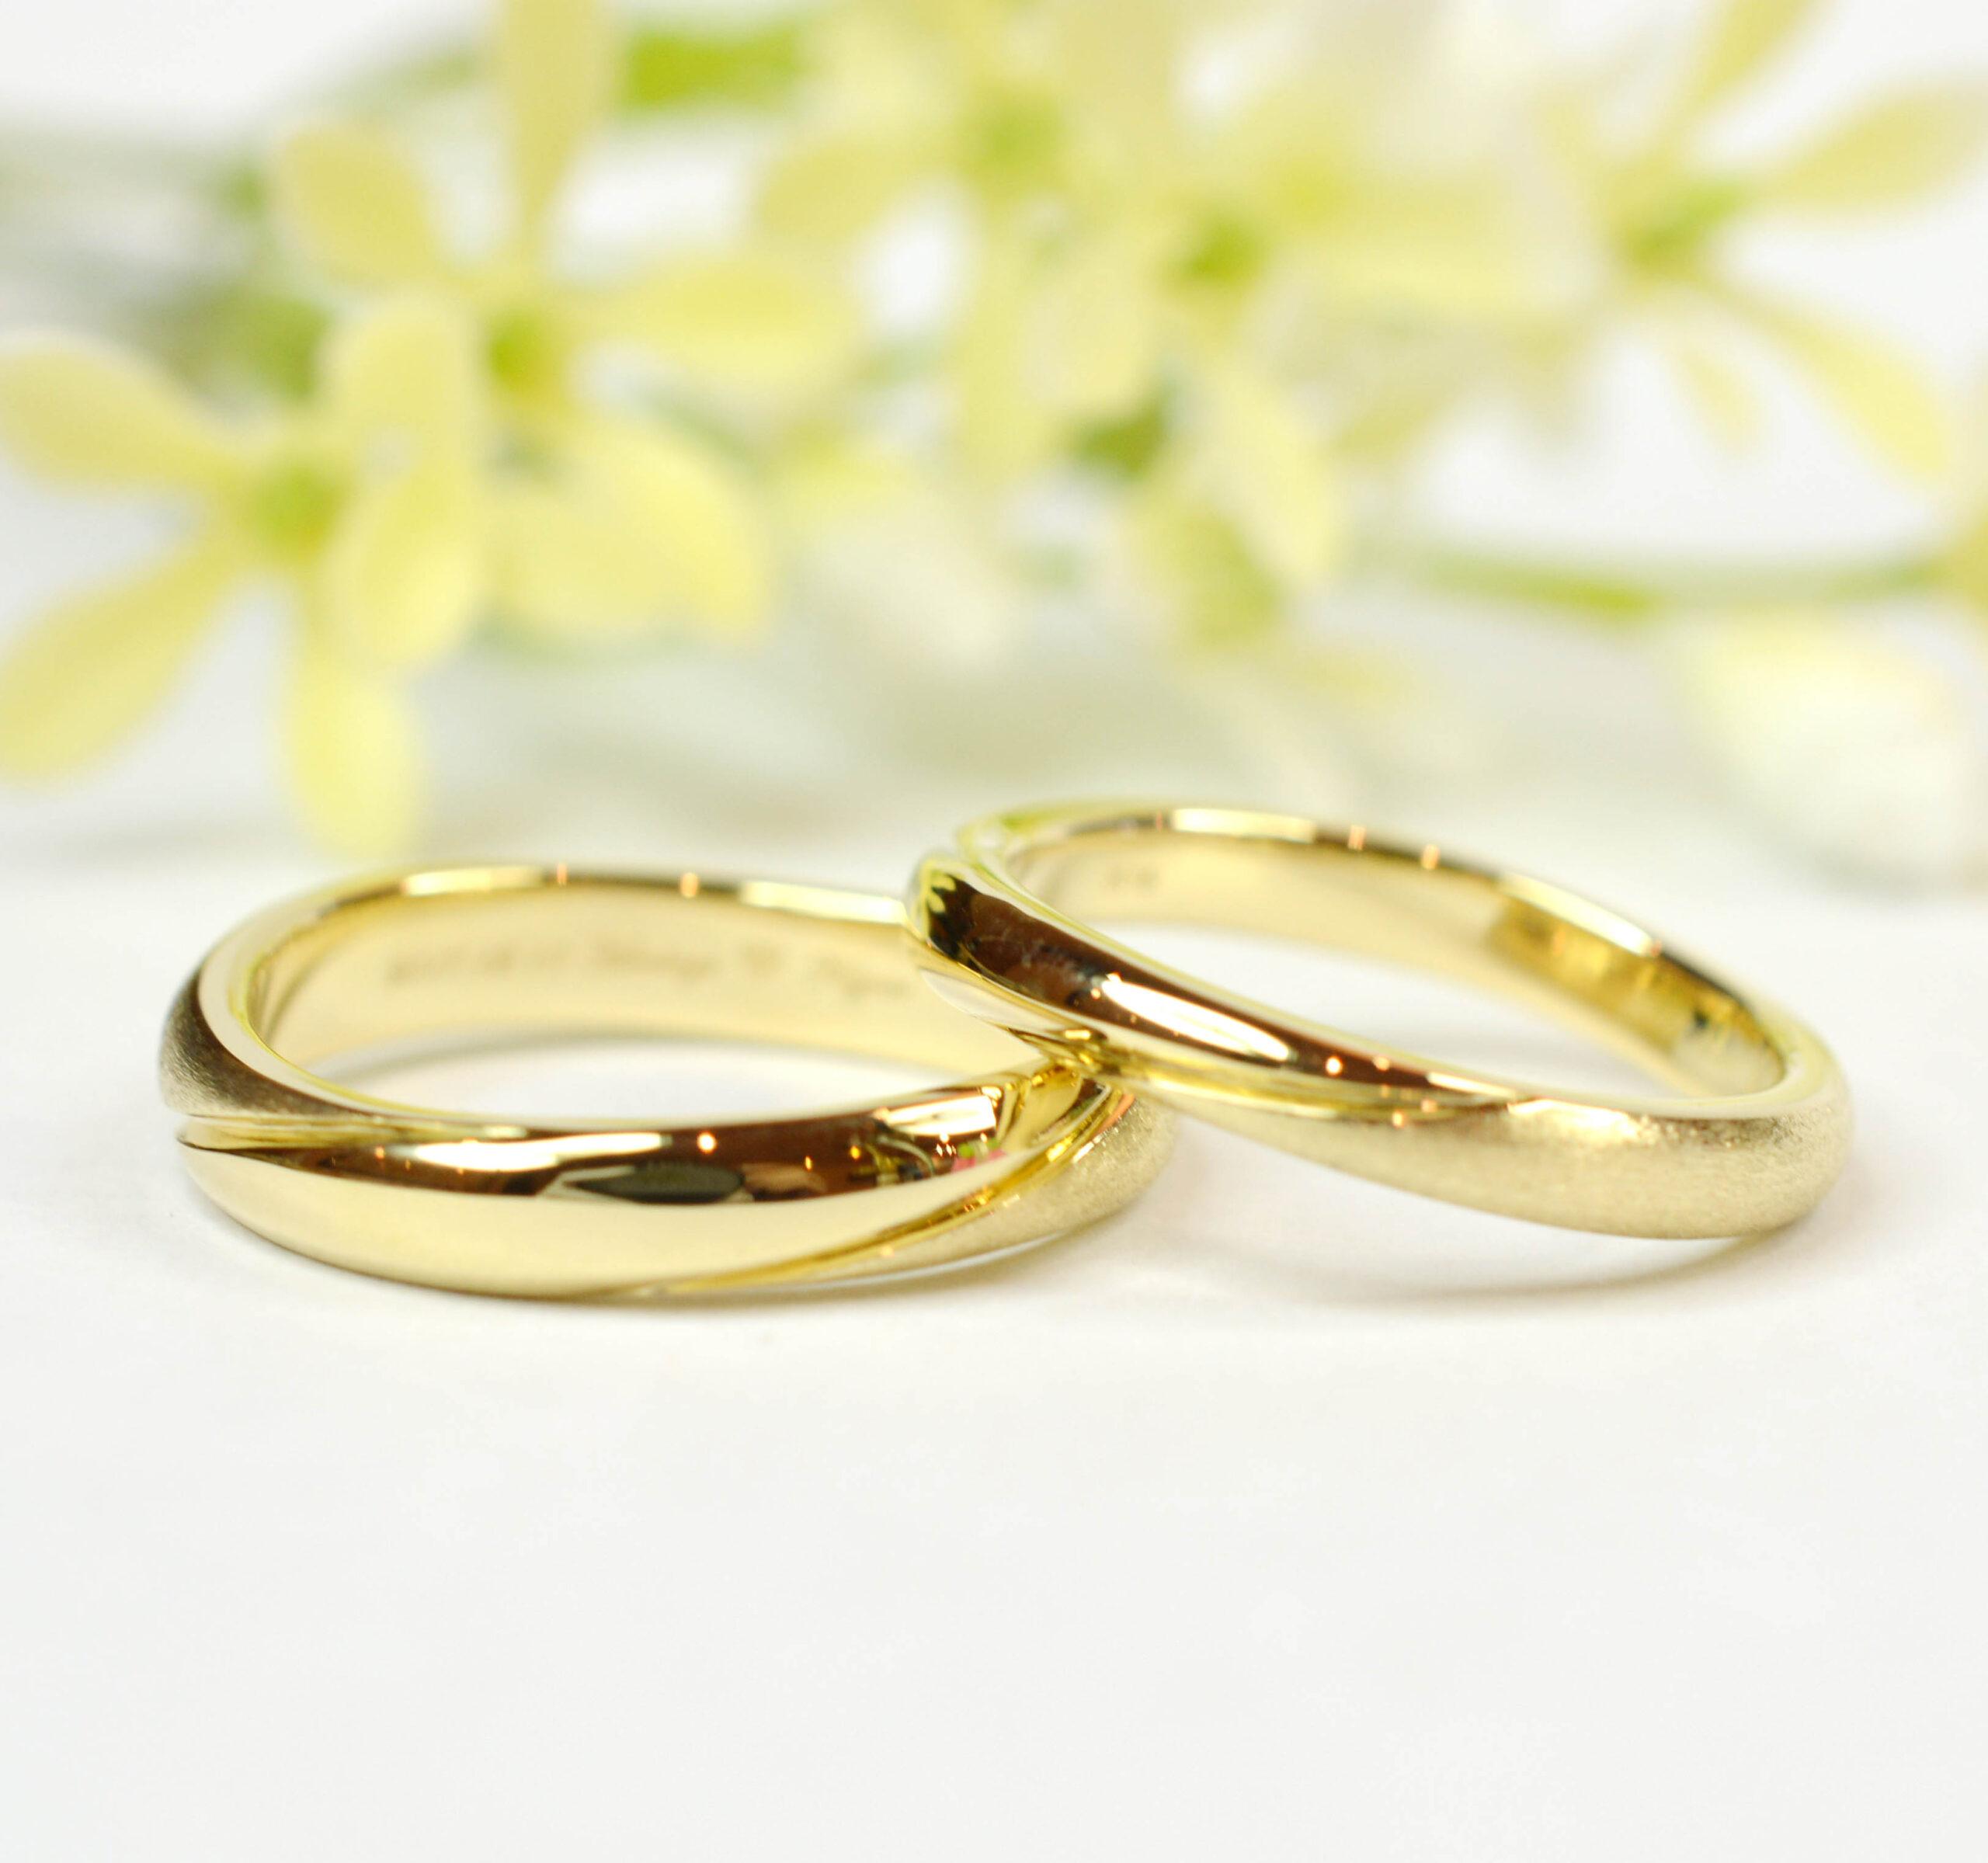 【手作り結婚指輪プレミアムコース】松野様、佐藤様